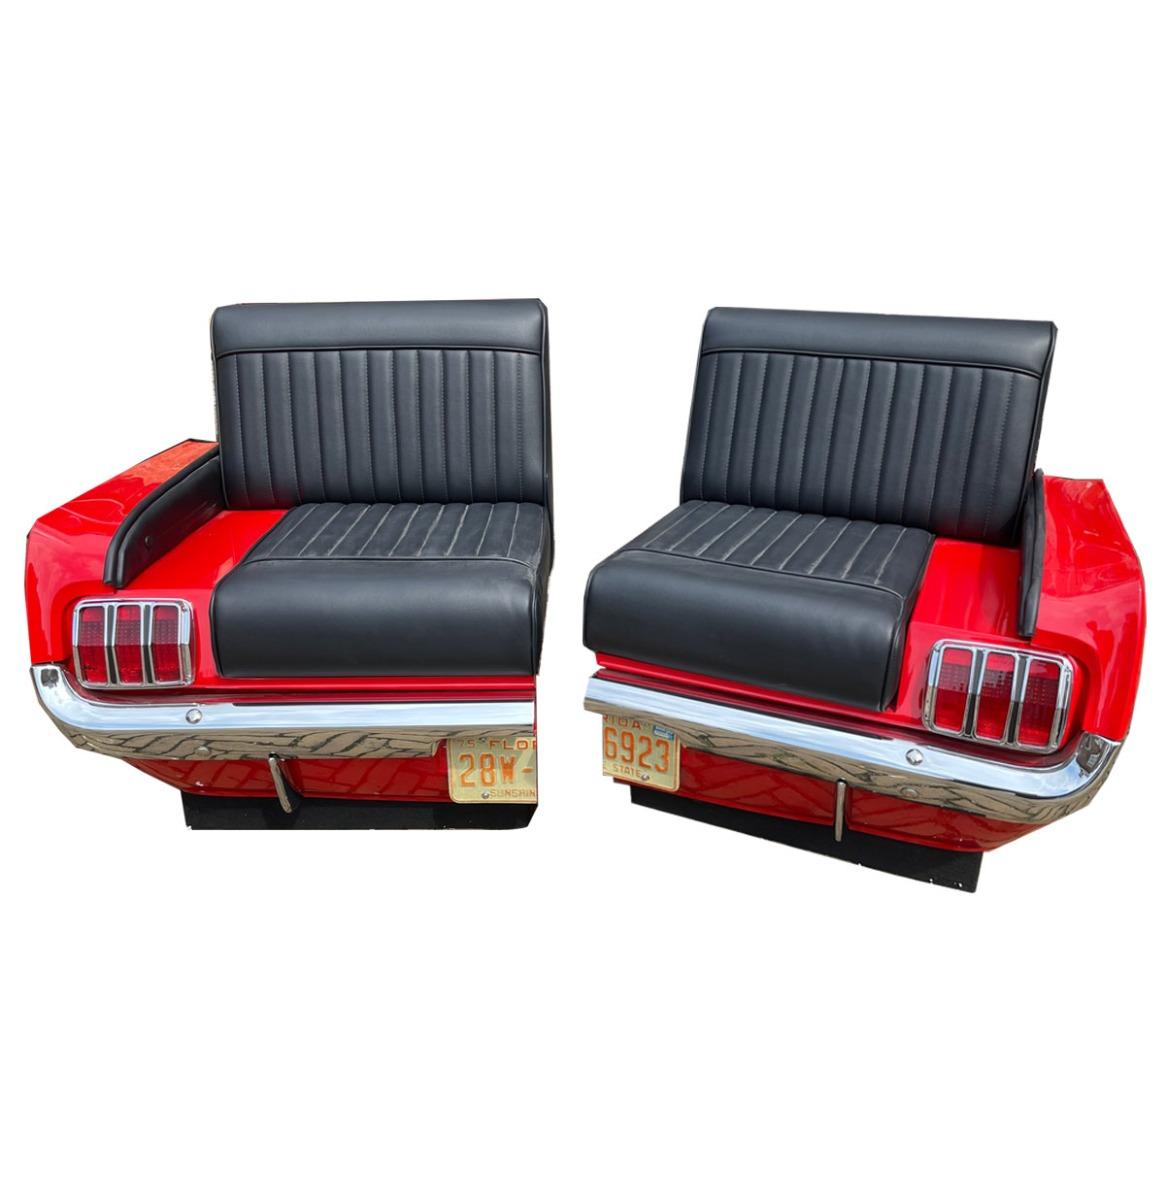 1965 Ford Mustang Seats (set van 2) - Van Een Echte Auto